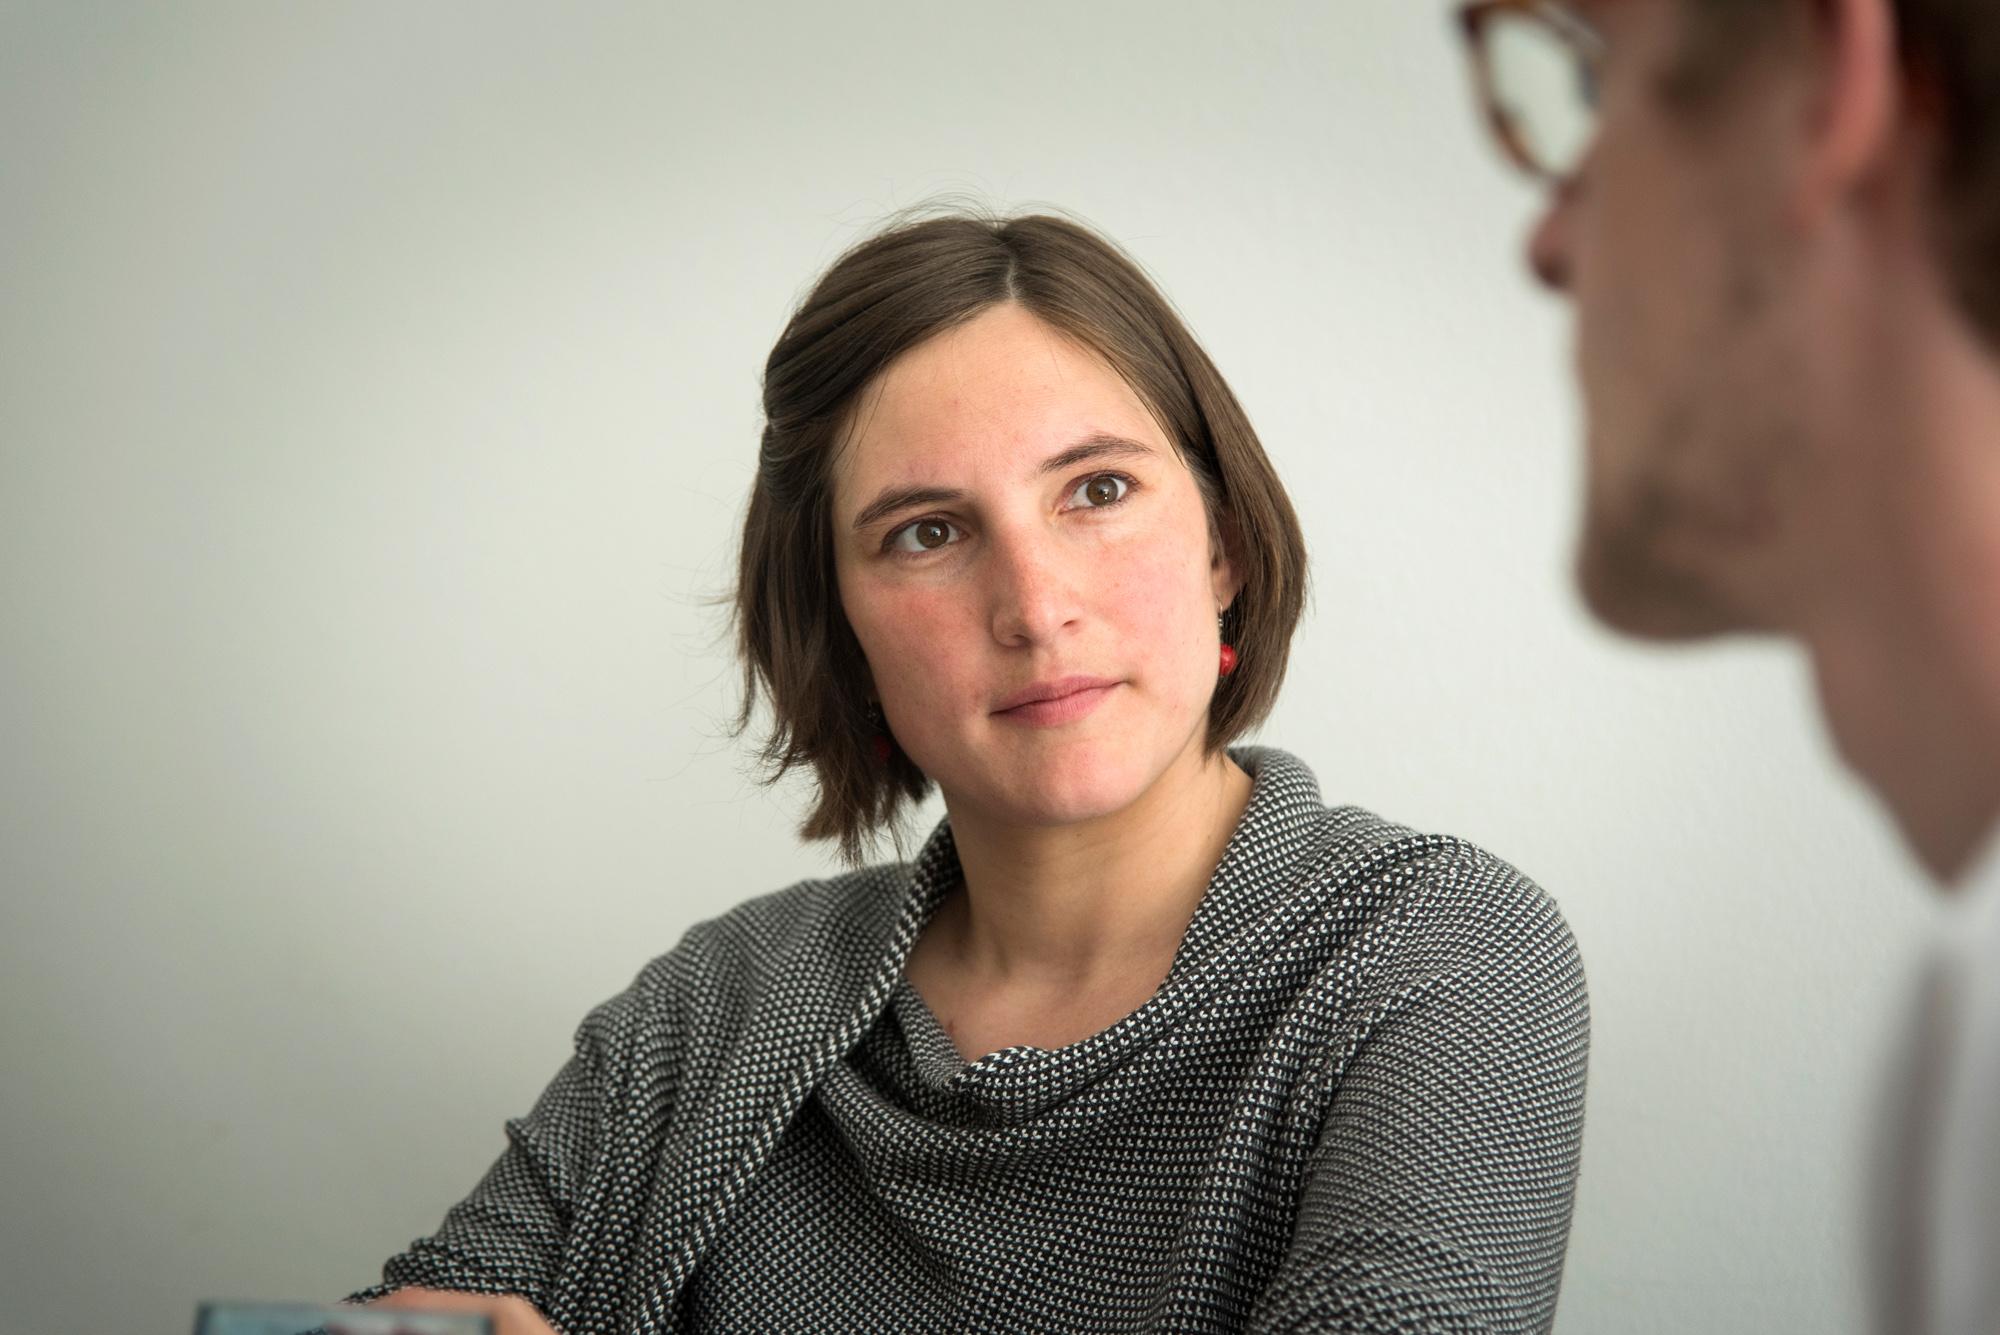 Nach Abschluss ihres Studiums in Soziokultureller Animation nunmehr seit sieben Jahren beim JRK: Die 31-jährige Anna Greub.